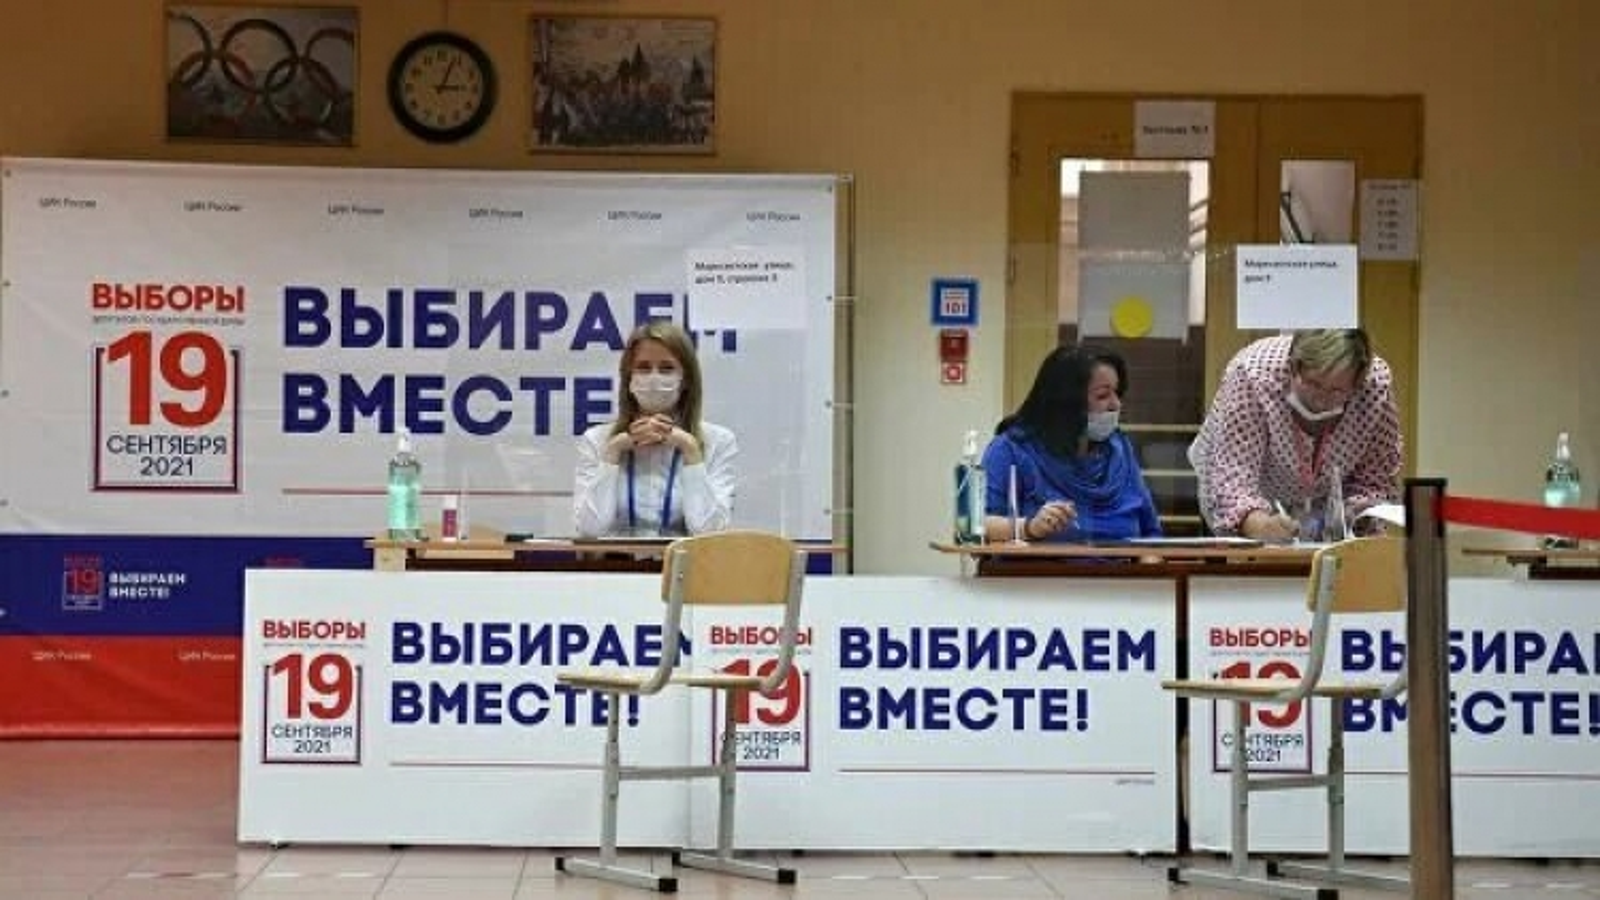 Cử tri tích cực đi bỏ phiếu trong cuộc bầu cử vào Duma quốc gia Nga